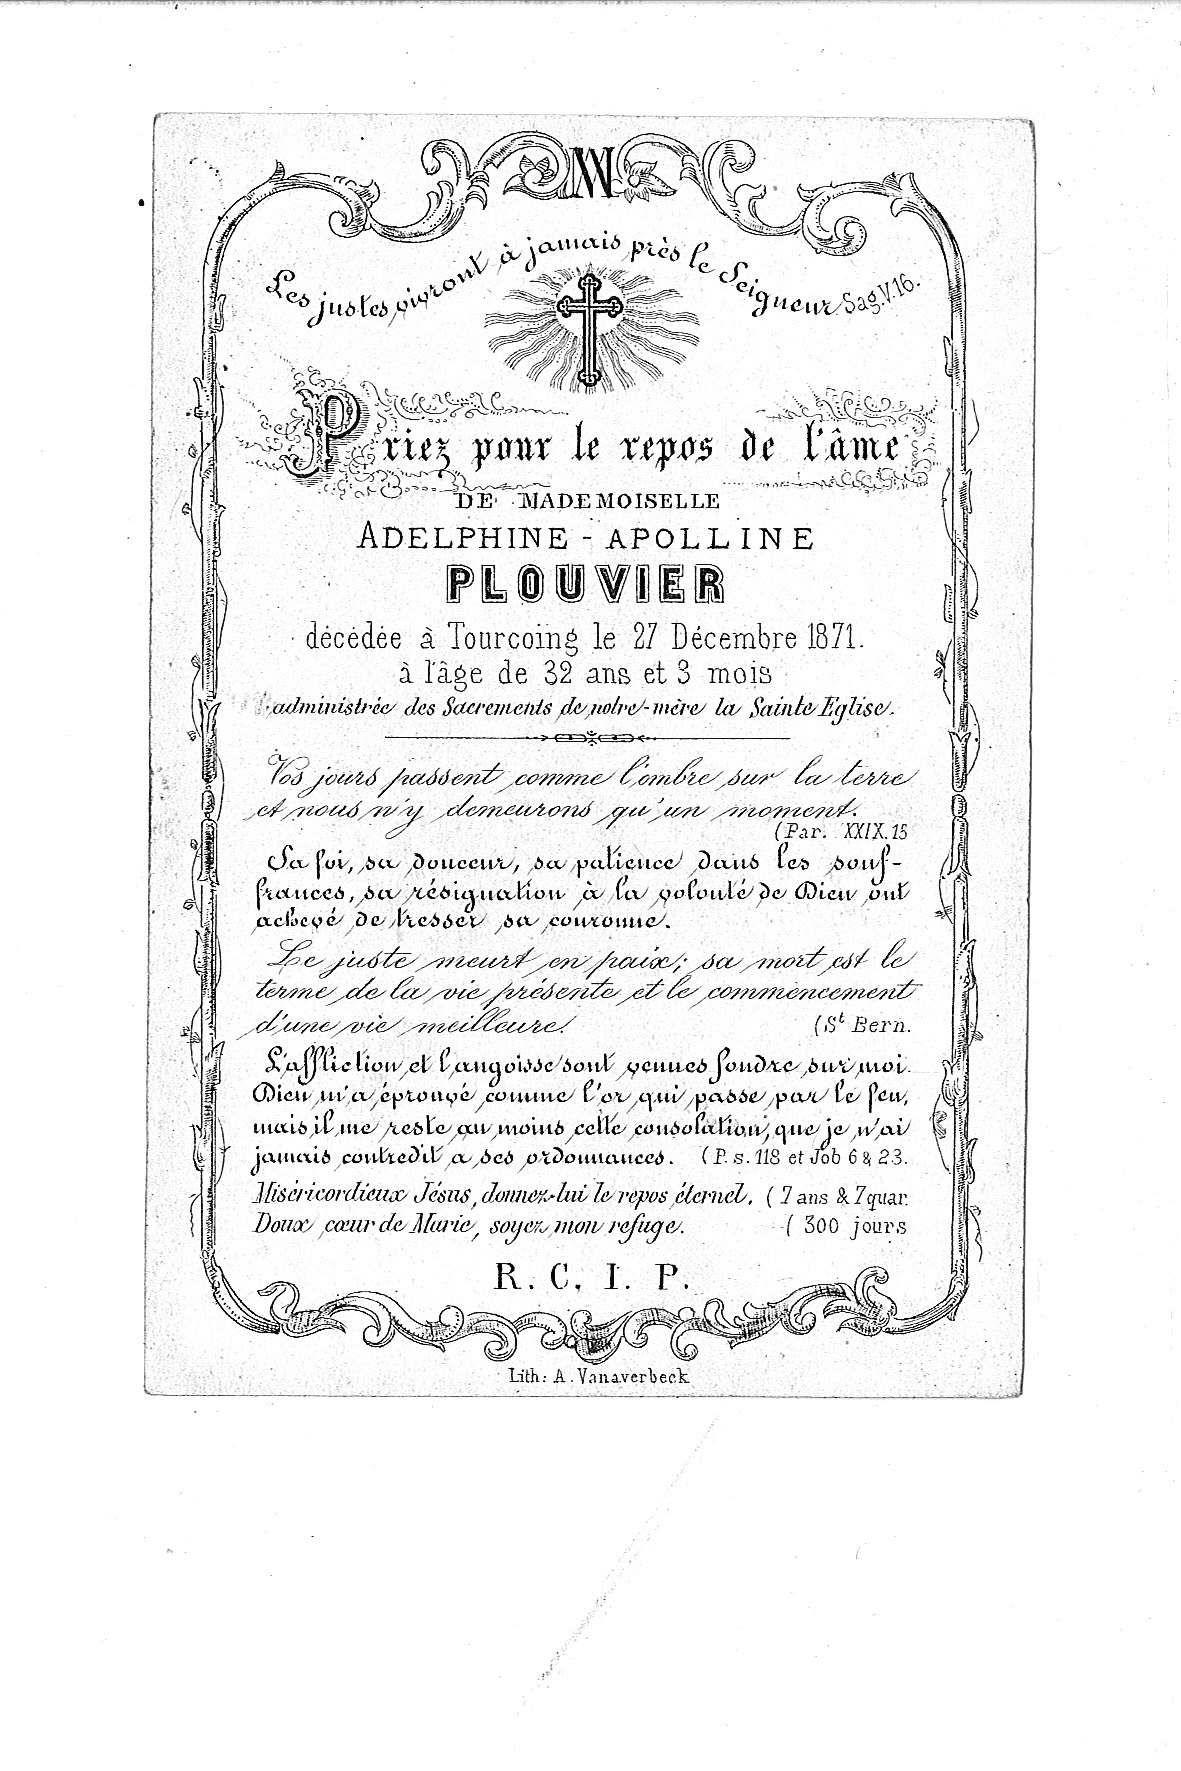 Adelphine-Apolline(1871)20100416080139_00007.jpg